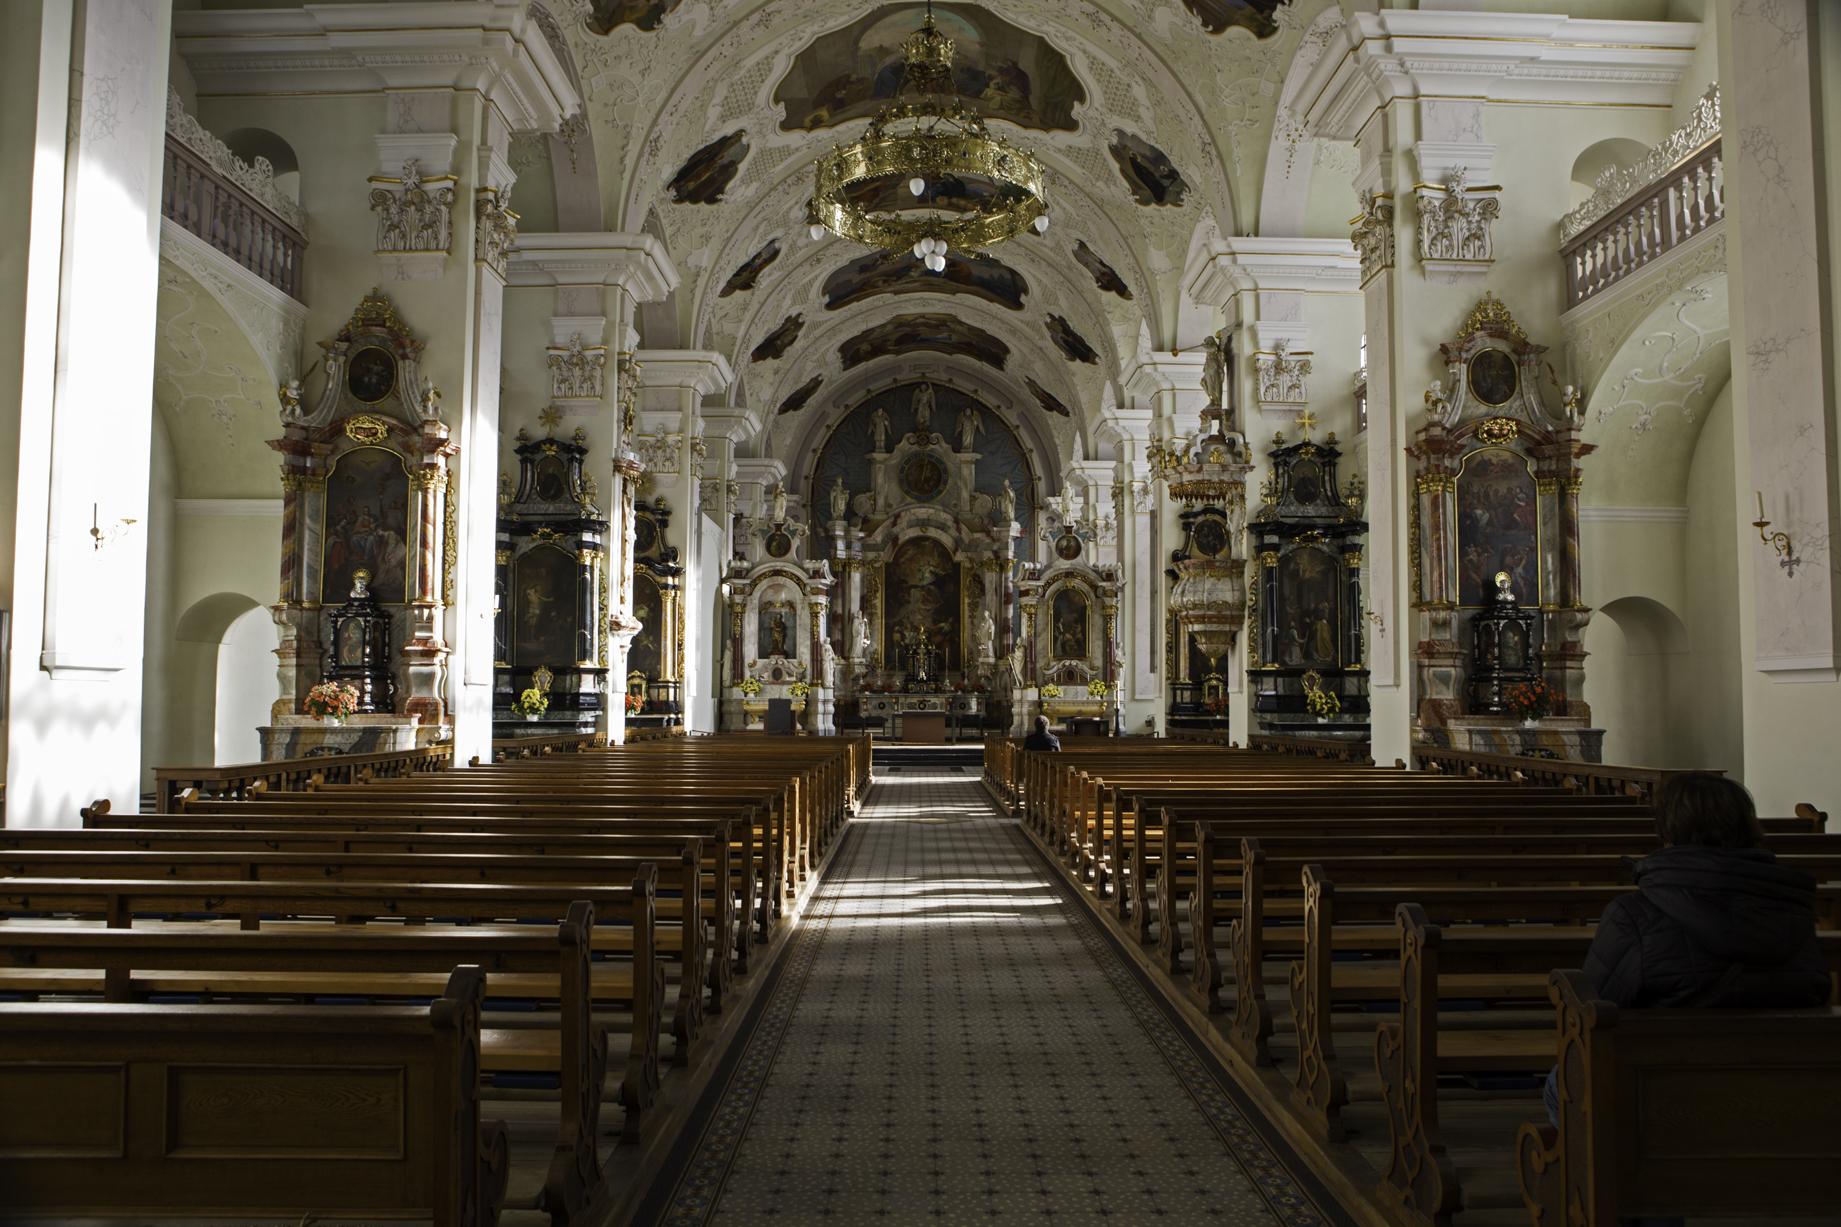 Benedektinerabtei Kloster Engelberg/Switzerland (12th century)